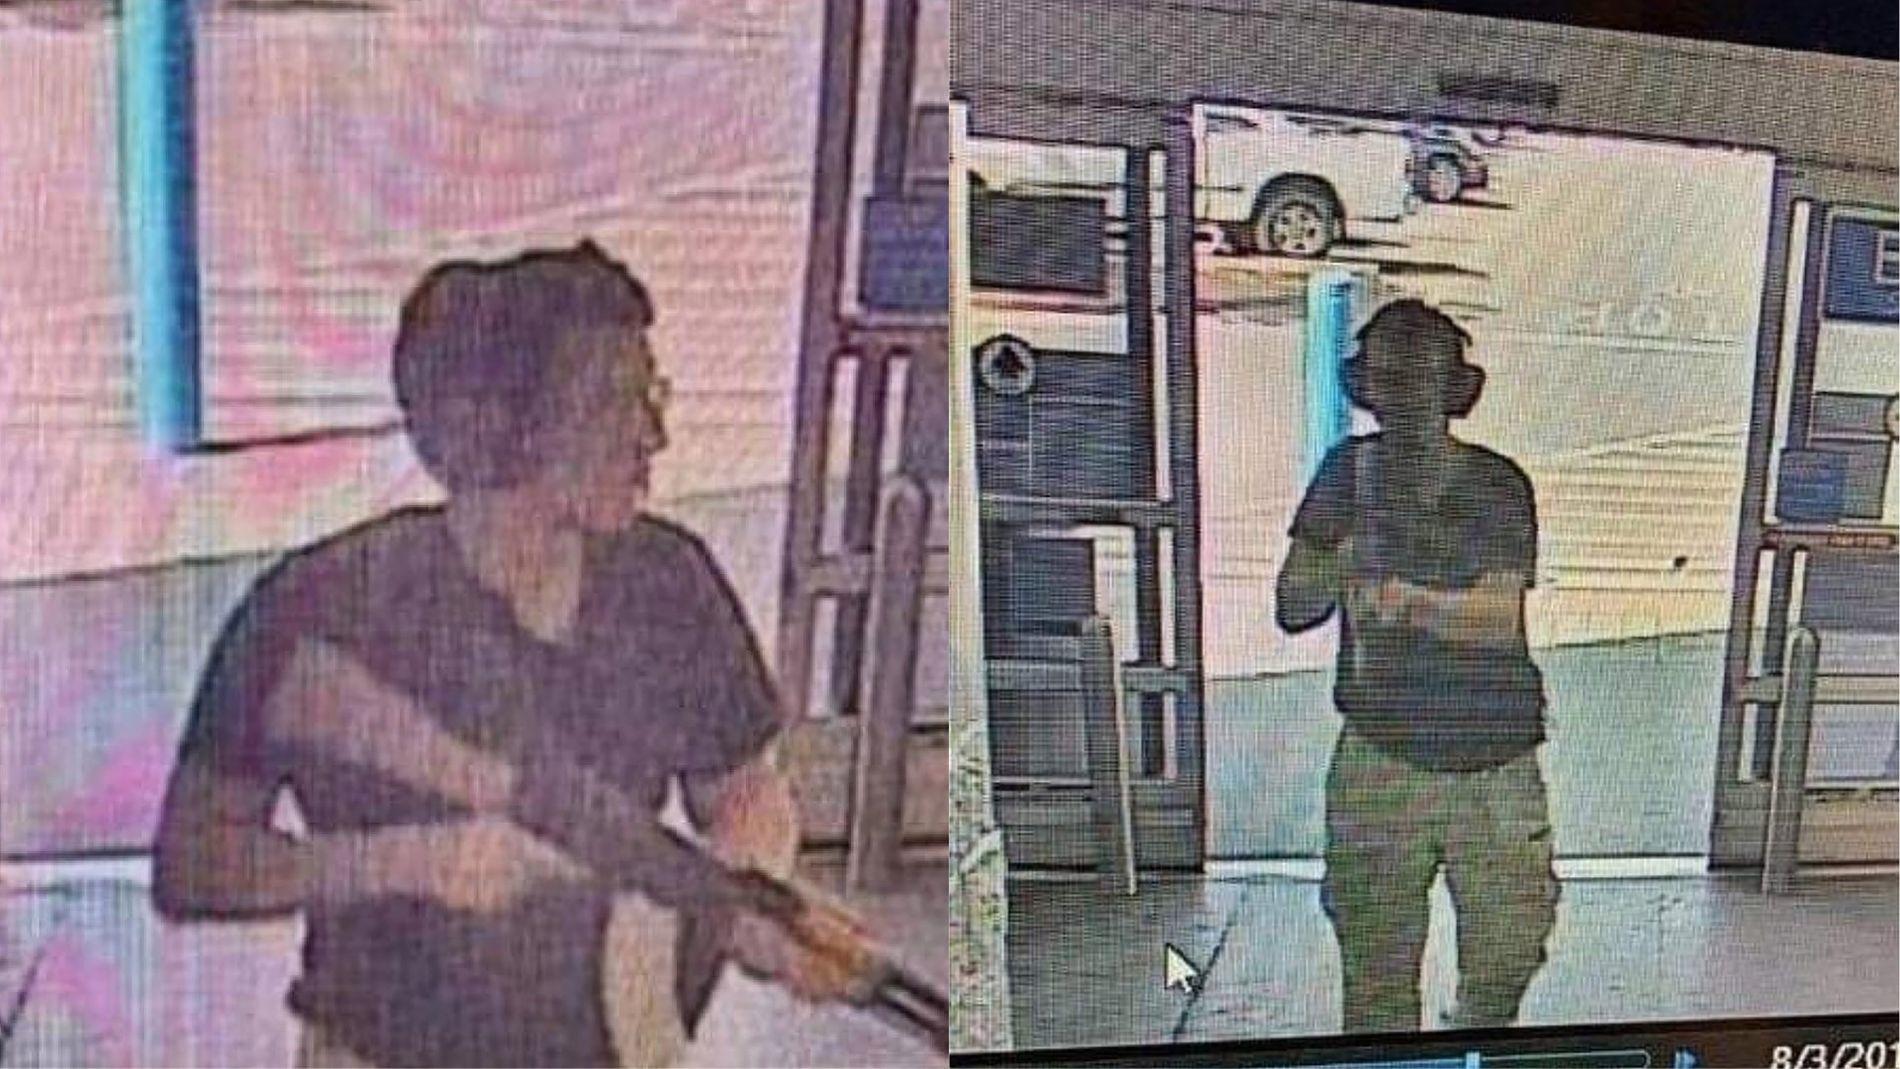 SKAL VISE SKYTTEREN: Dette bildet fra et overvåkningskamera skal ifølge KTSM 9 News vise en bevæpnet mann gå inn på supermarkedet Walmart ved Cicelo Vista-kjøpesenteret i El Paso.